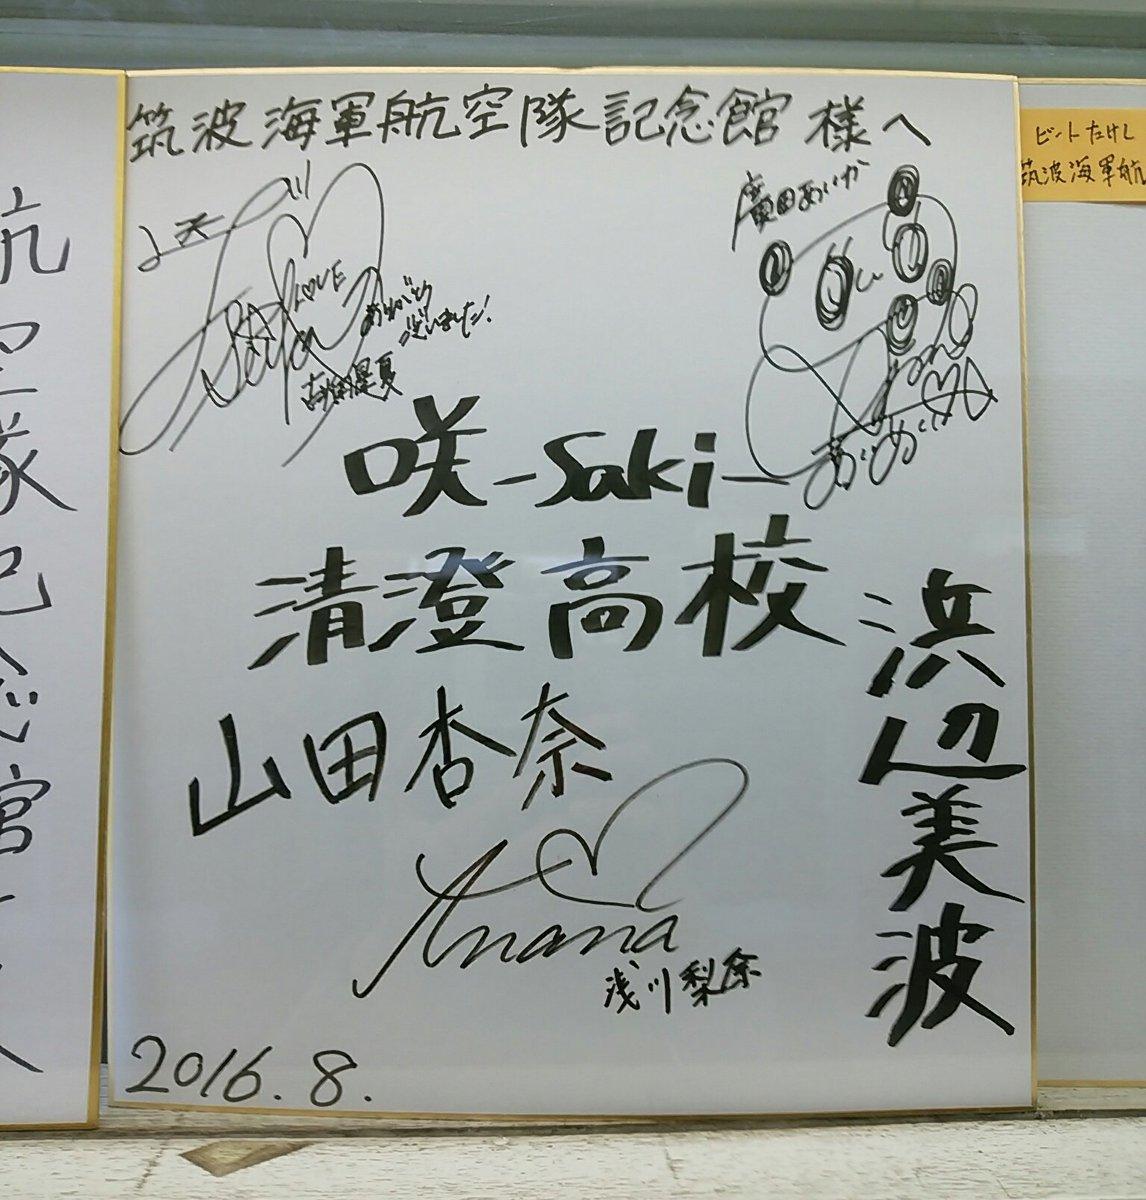 実写『咲-saki-』ロケ地巡りを連投しましたが、昨日は小美玉市生涯学習センターと #筑波海軍航空隊記念館 を回りました